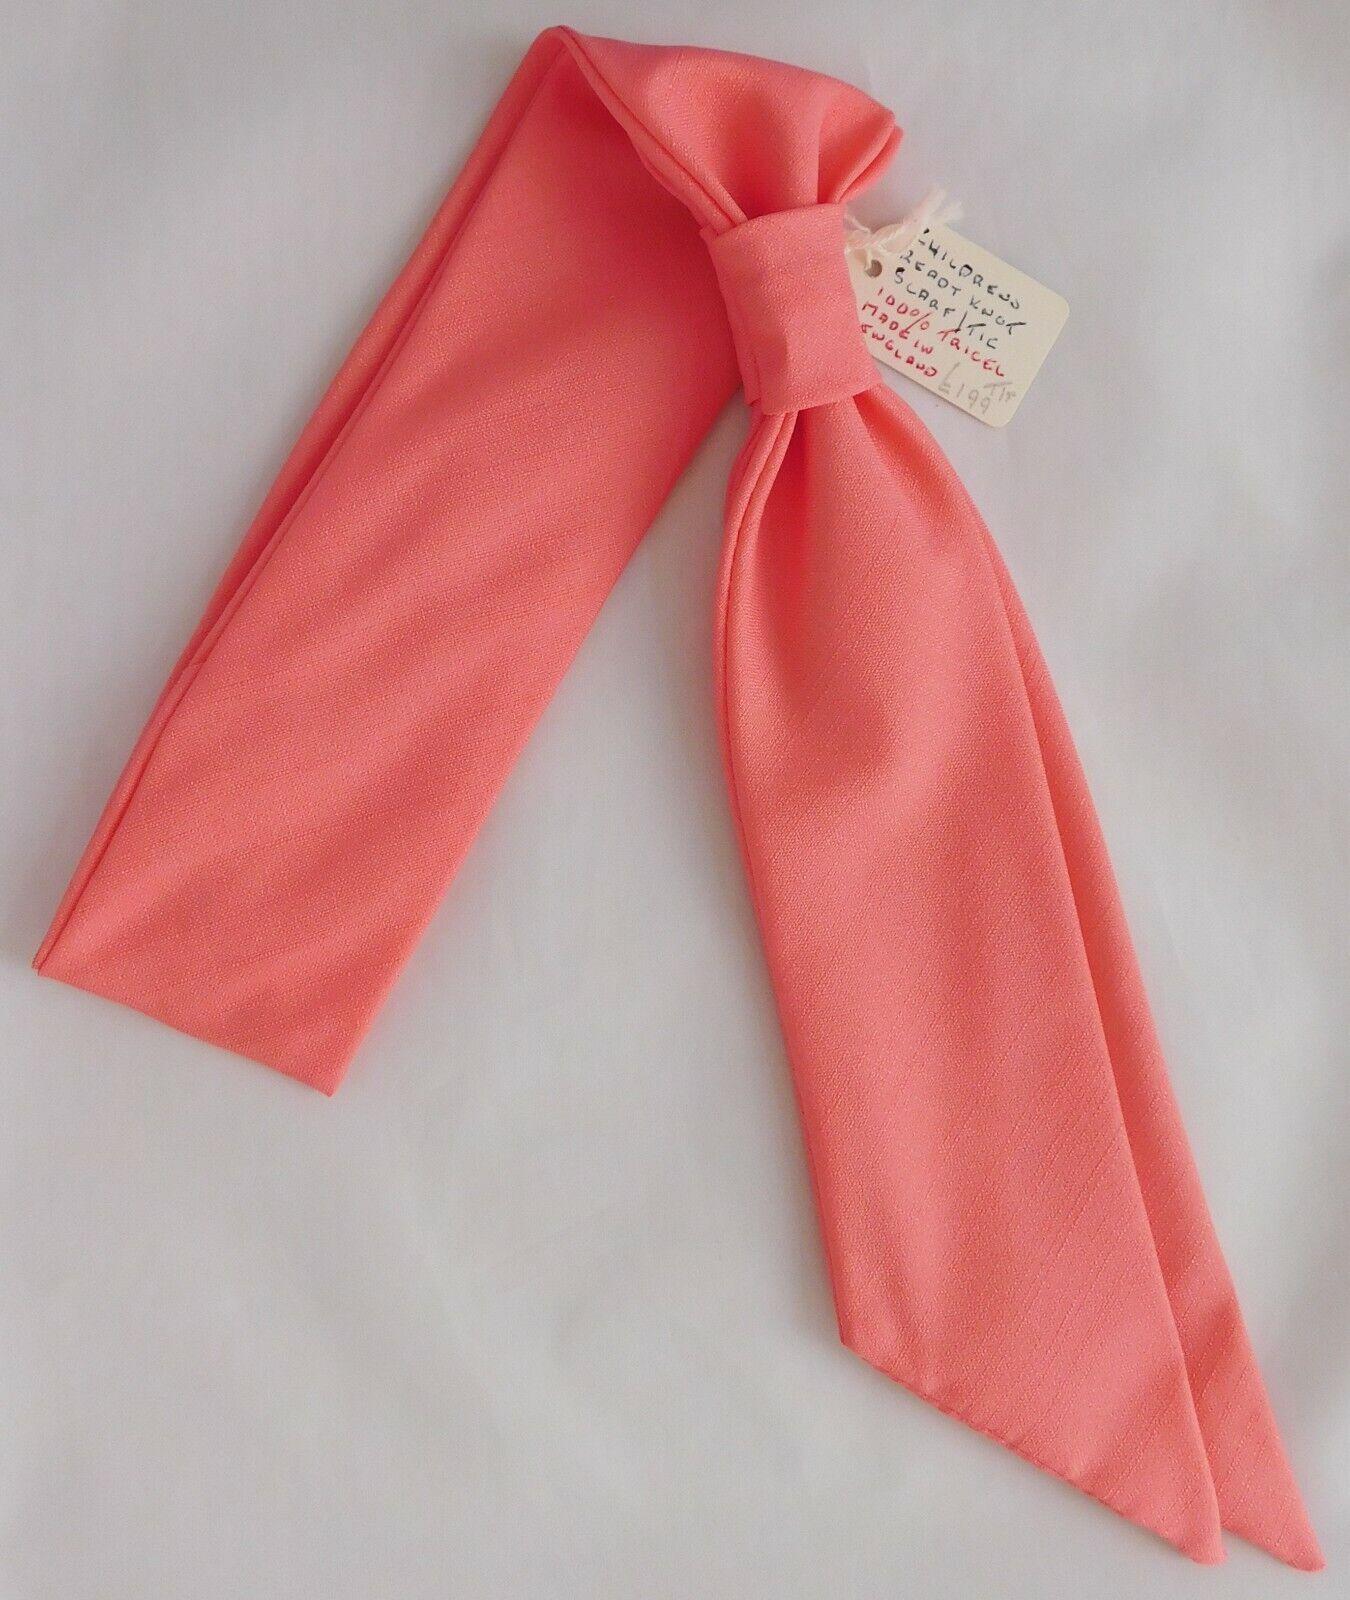 Girls ready-knot cravat scarf salmon pink hippie era vintage 1960s tie UNUSED